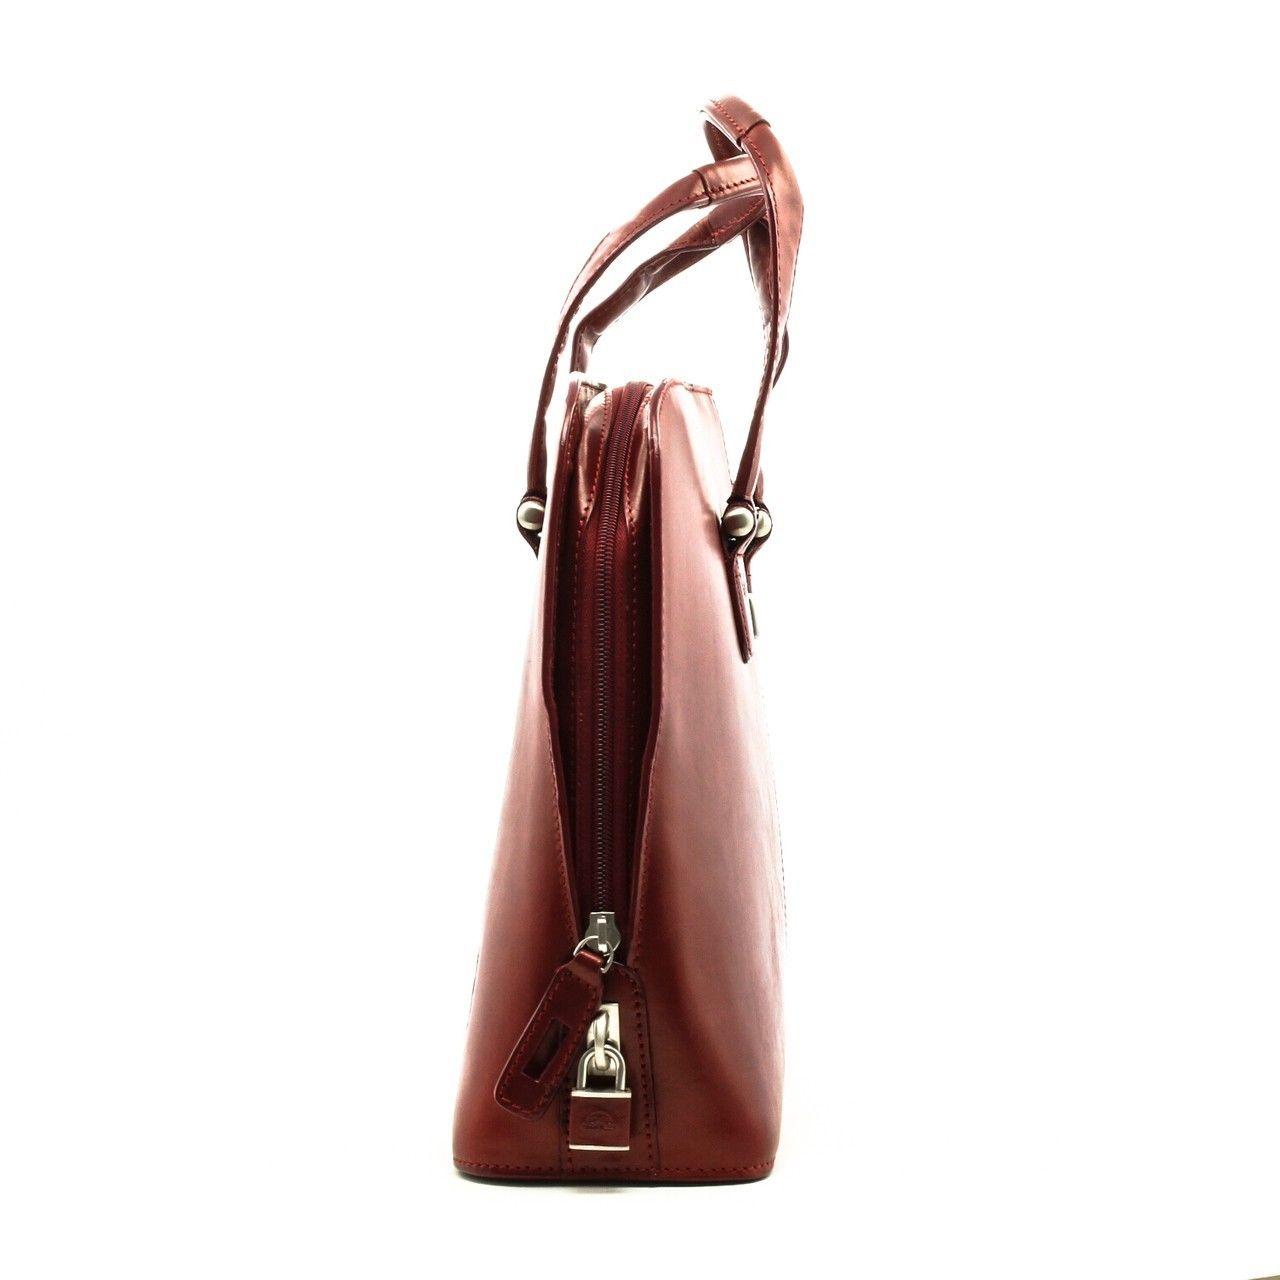 Unique Womens Leather Messenger Bag Macbook Air Pro Laptop 13inch Computer